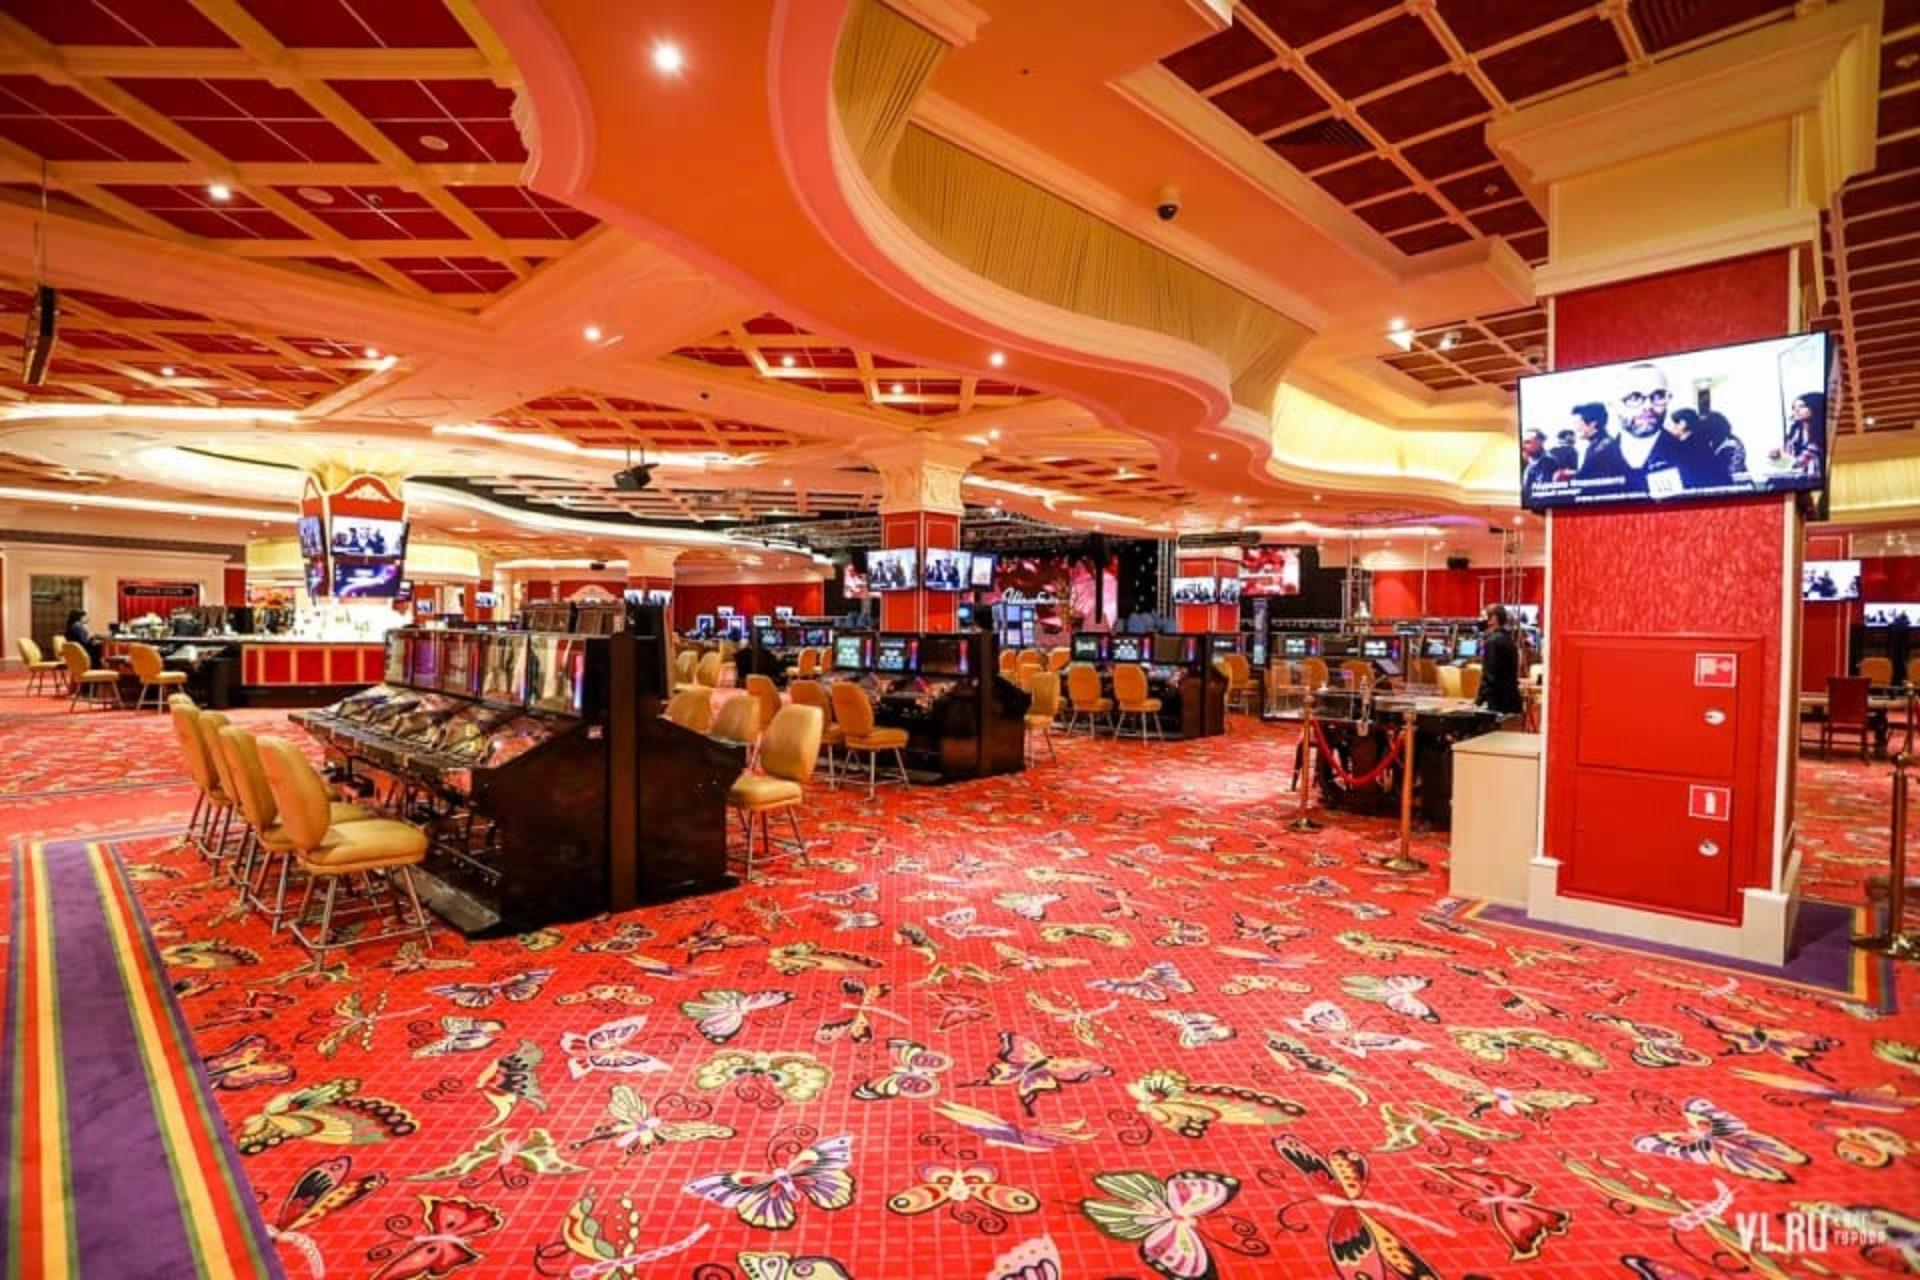 Ковролин является обязательным атрибутом покерных залов казино залов игровых игровые автоматы сайты играть 01 копейке на деньги